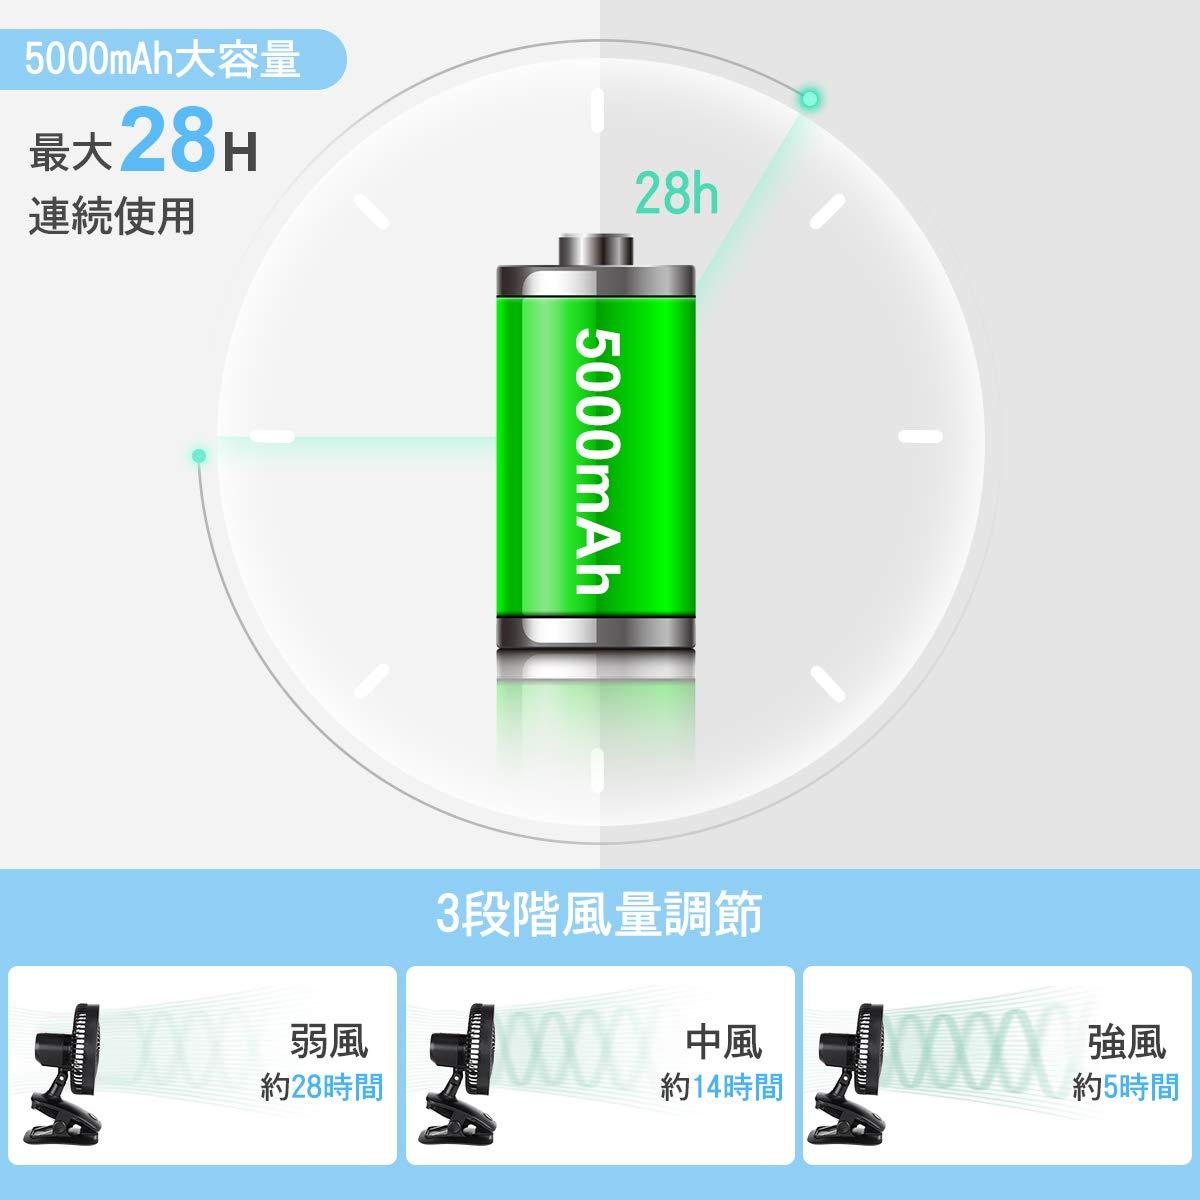 【送料無料】KEYNICE最新版USB扇風機充電クリップ式卓上超静音ミニ扇風機usbファン360度角度調整48時間連続使用可風量無段階調節5000mAhモバイルバッテリブラックKN-F150J-BK